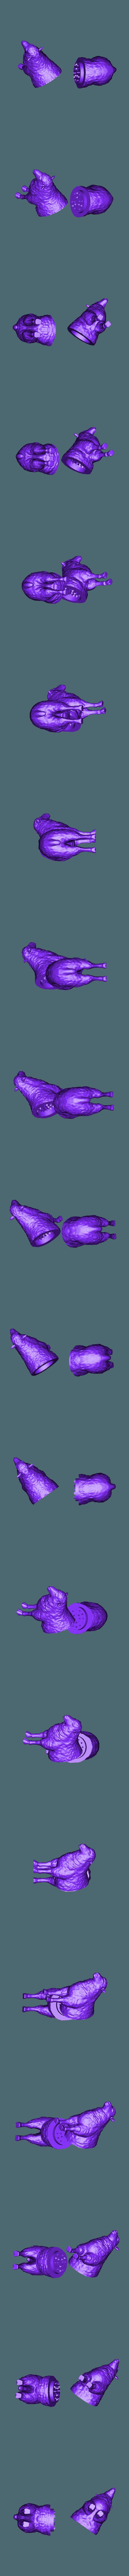 sheep-grinder.STL Télécharger fichier STL gratuit broyeur de moutons (épices de chanvre) • Design à imprimer en 3D, syzguru11